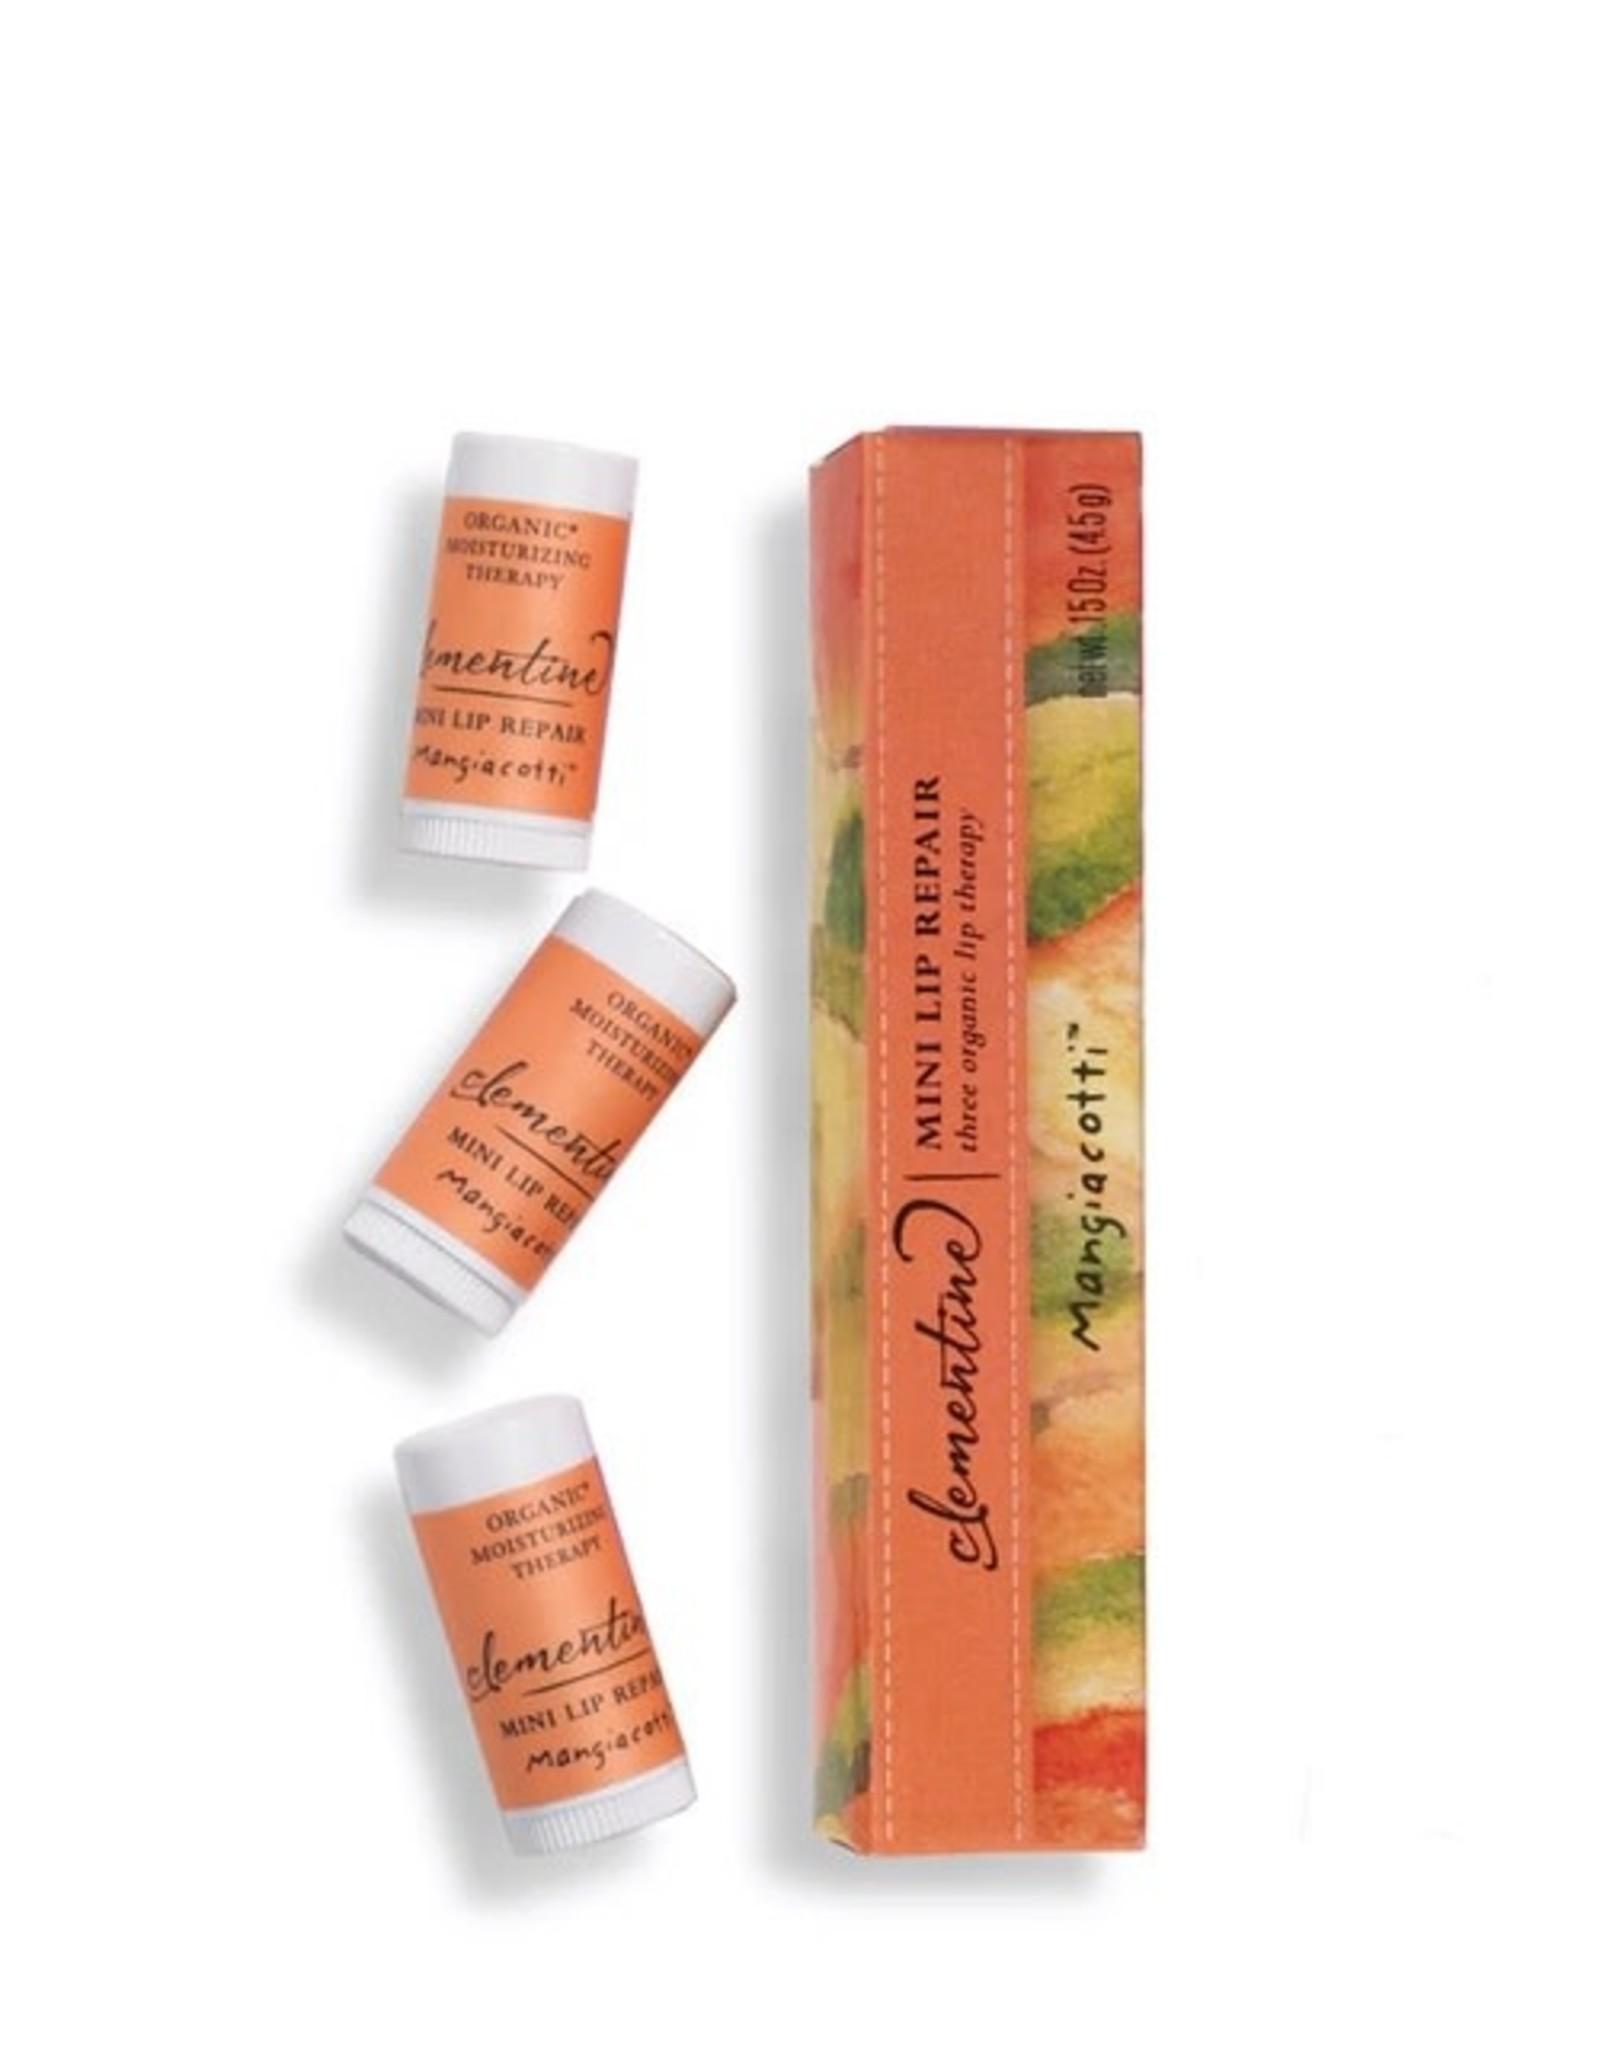 Mangicotti Mangiacotti Lip Repair Clementine